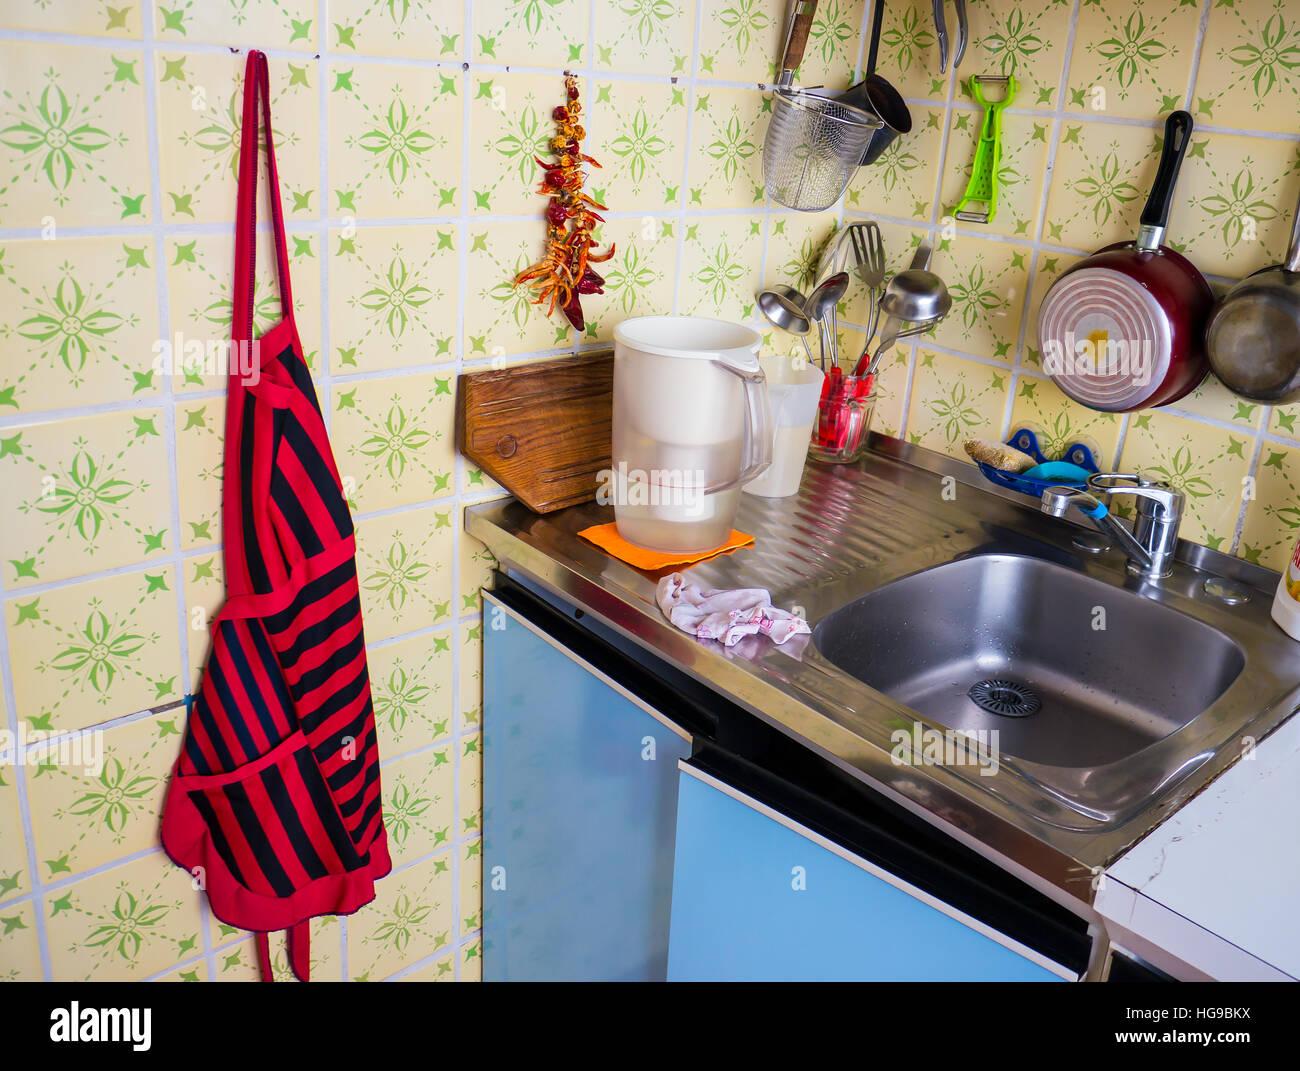 La cocina fondos y objetos. Imagen De Stock